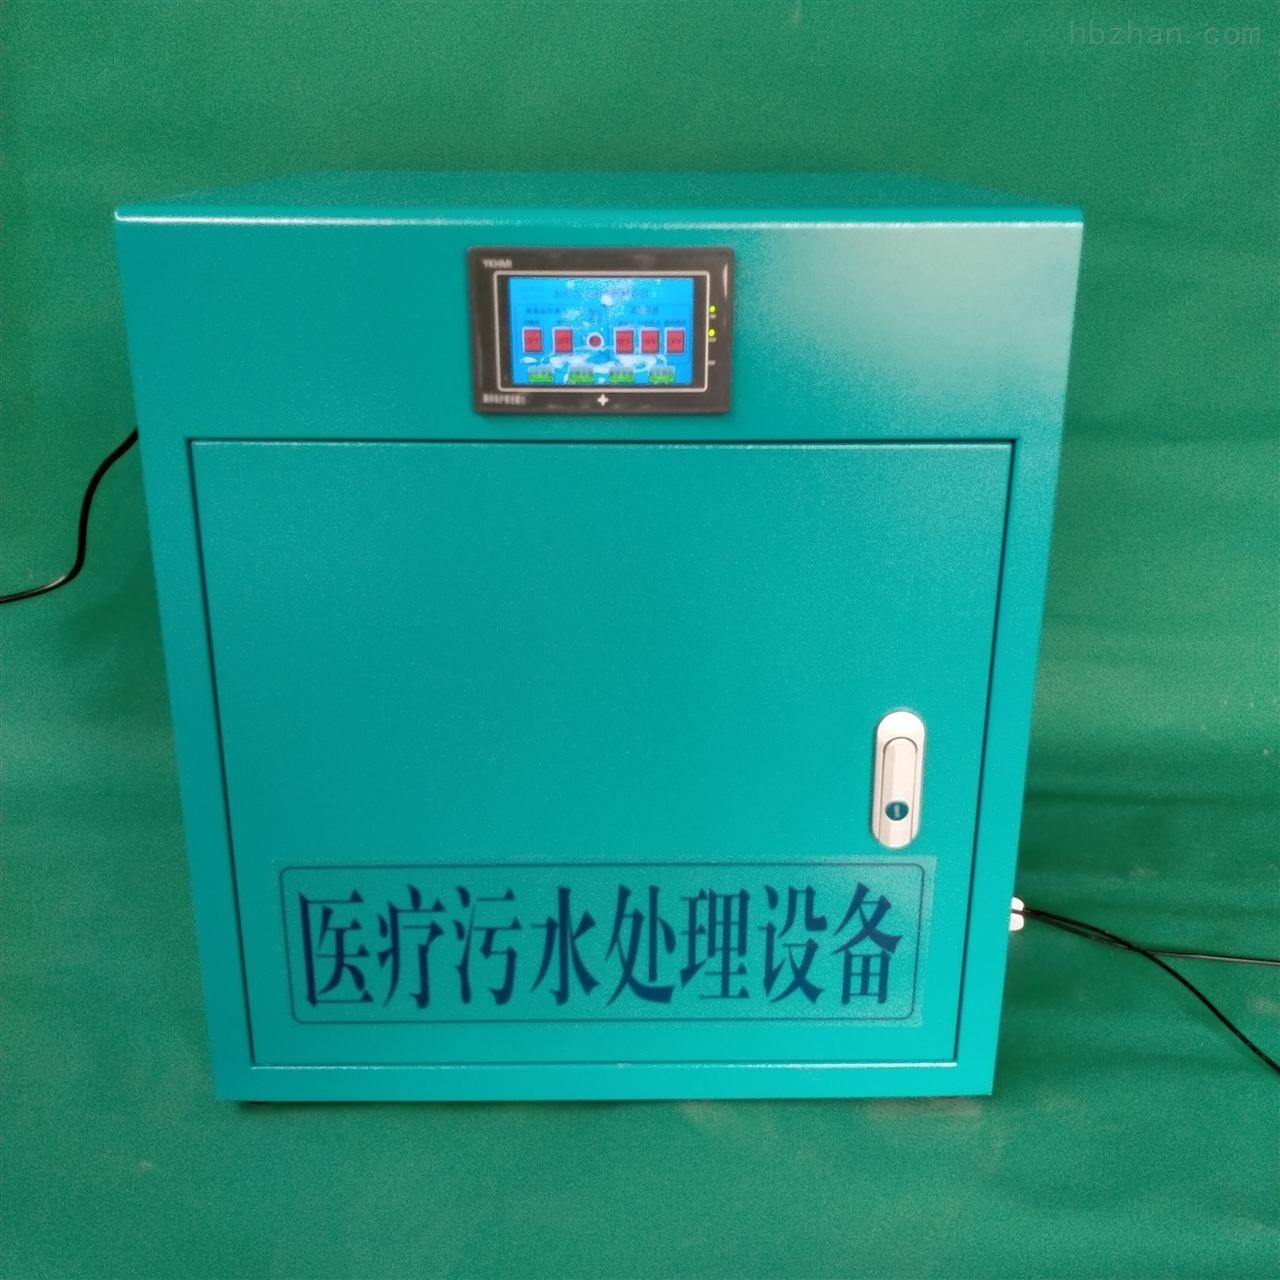 郑州美容诊所污水处理设备型号